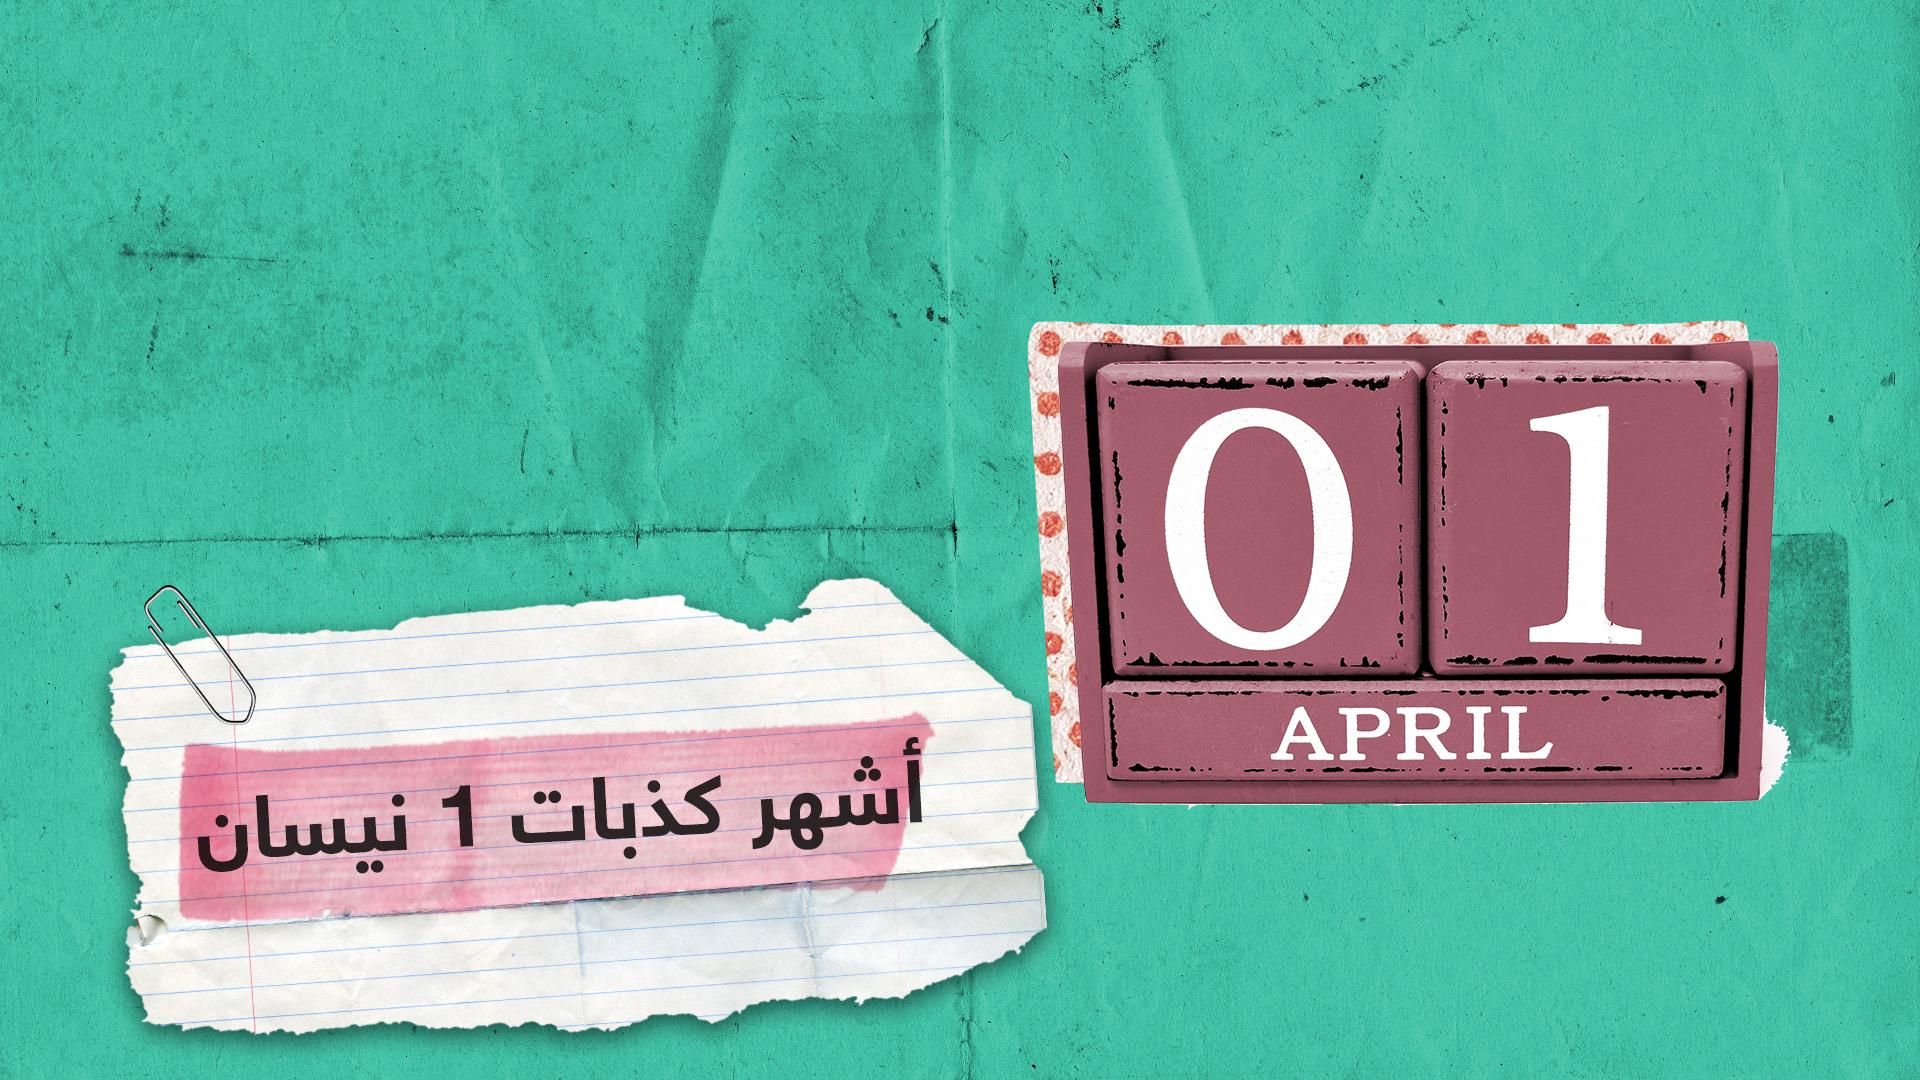 أشهر وأغرب كذبات الأول من أبريل